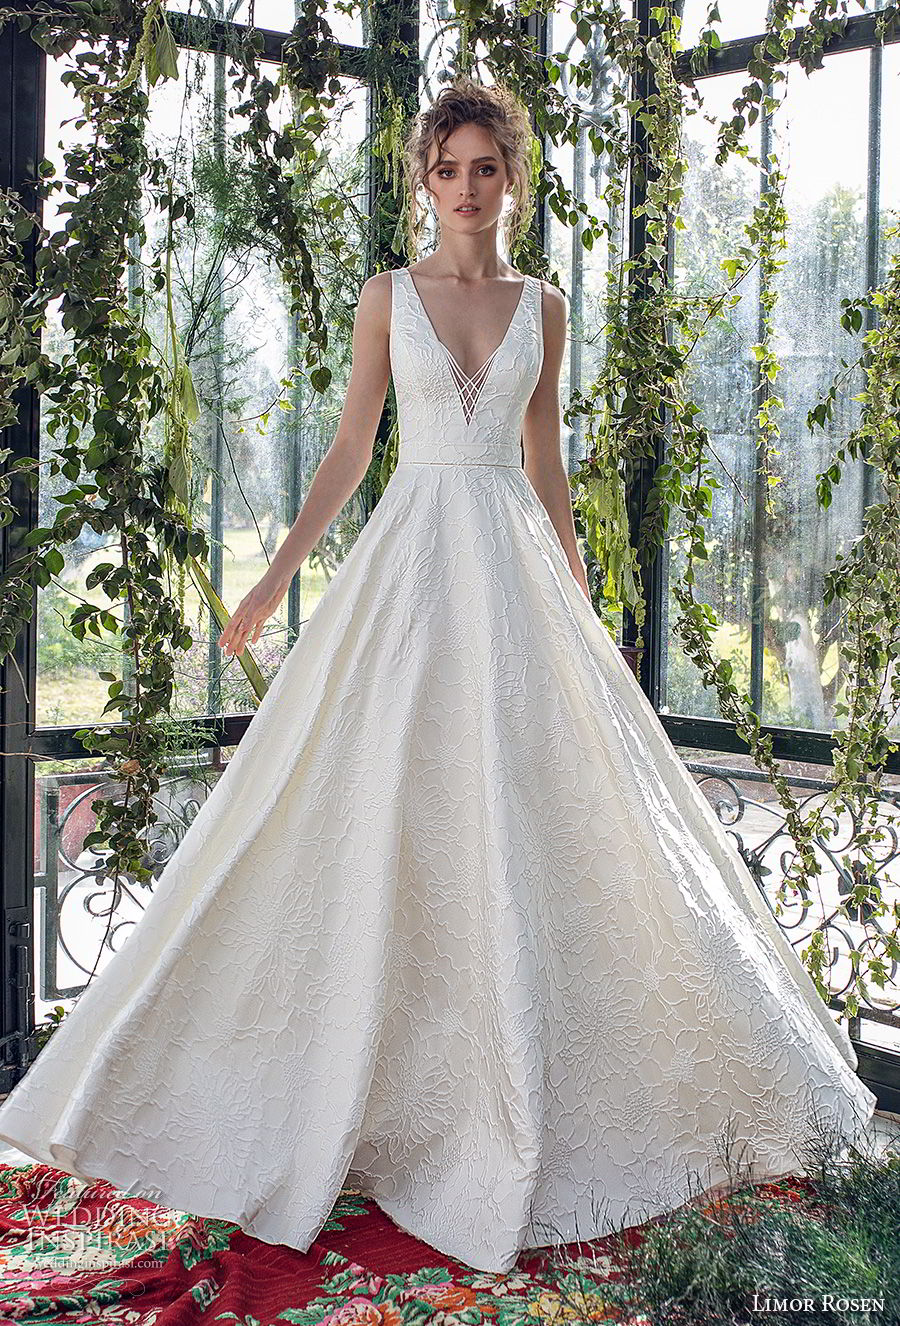 limor rosen 2019 xo bridal sleeveless with strap deep v neck light embellishment romantic a  line wedding dress open back sweep train (2) mv